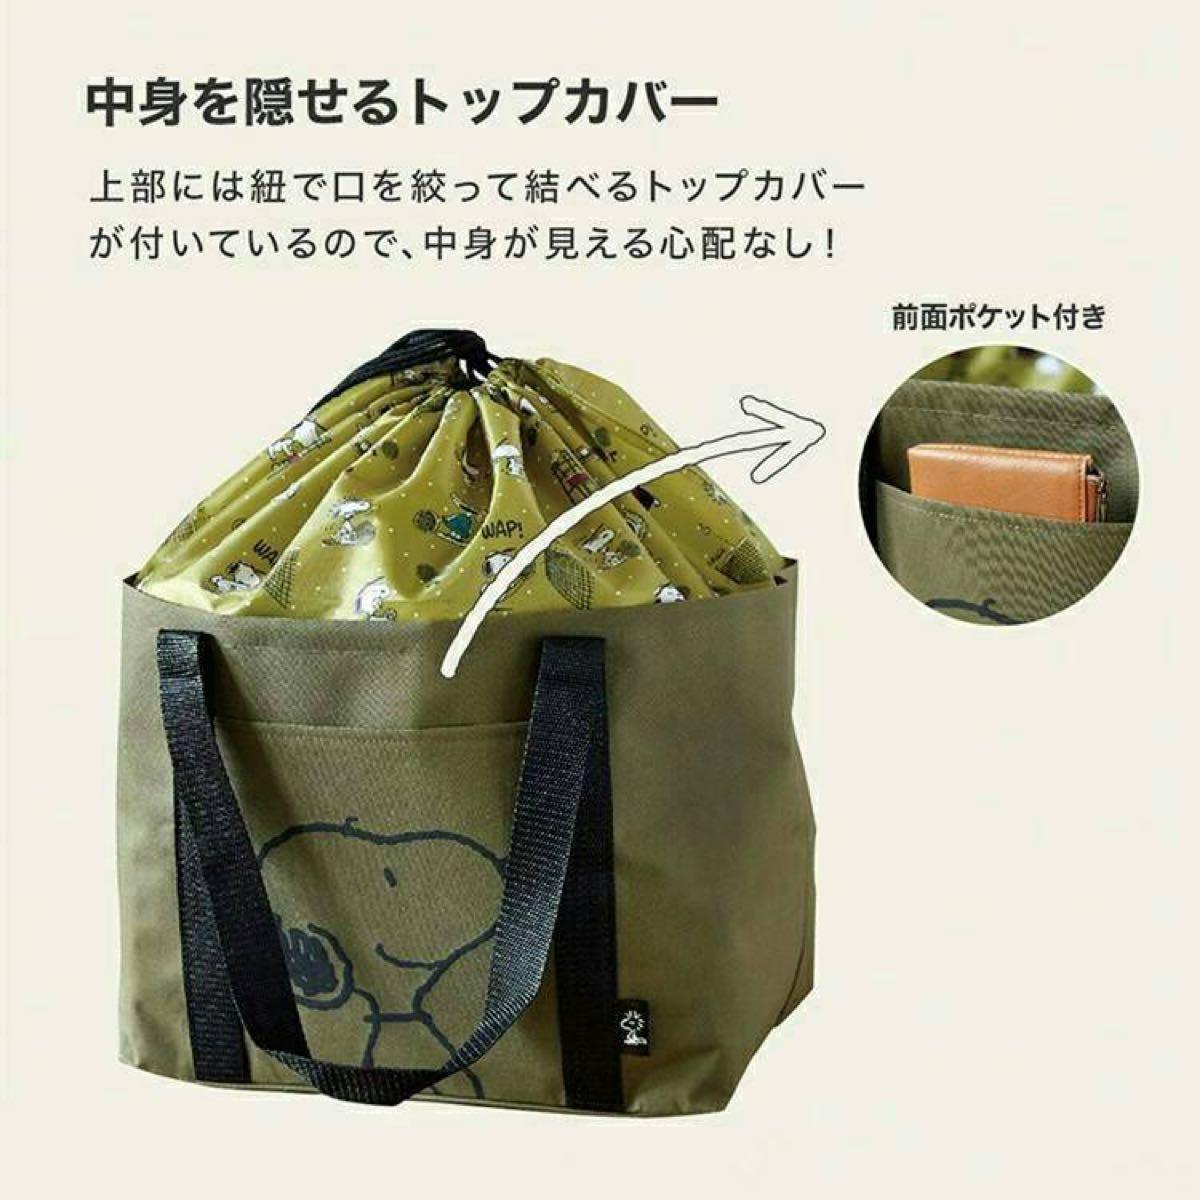 スヌーピー SNOOPY トートバッグ レジカゴ バッグ エコバッグ トート かわいい 大容量 ショッピングバッグ レジ袋 付録